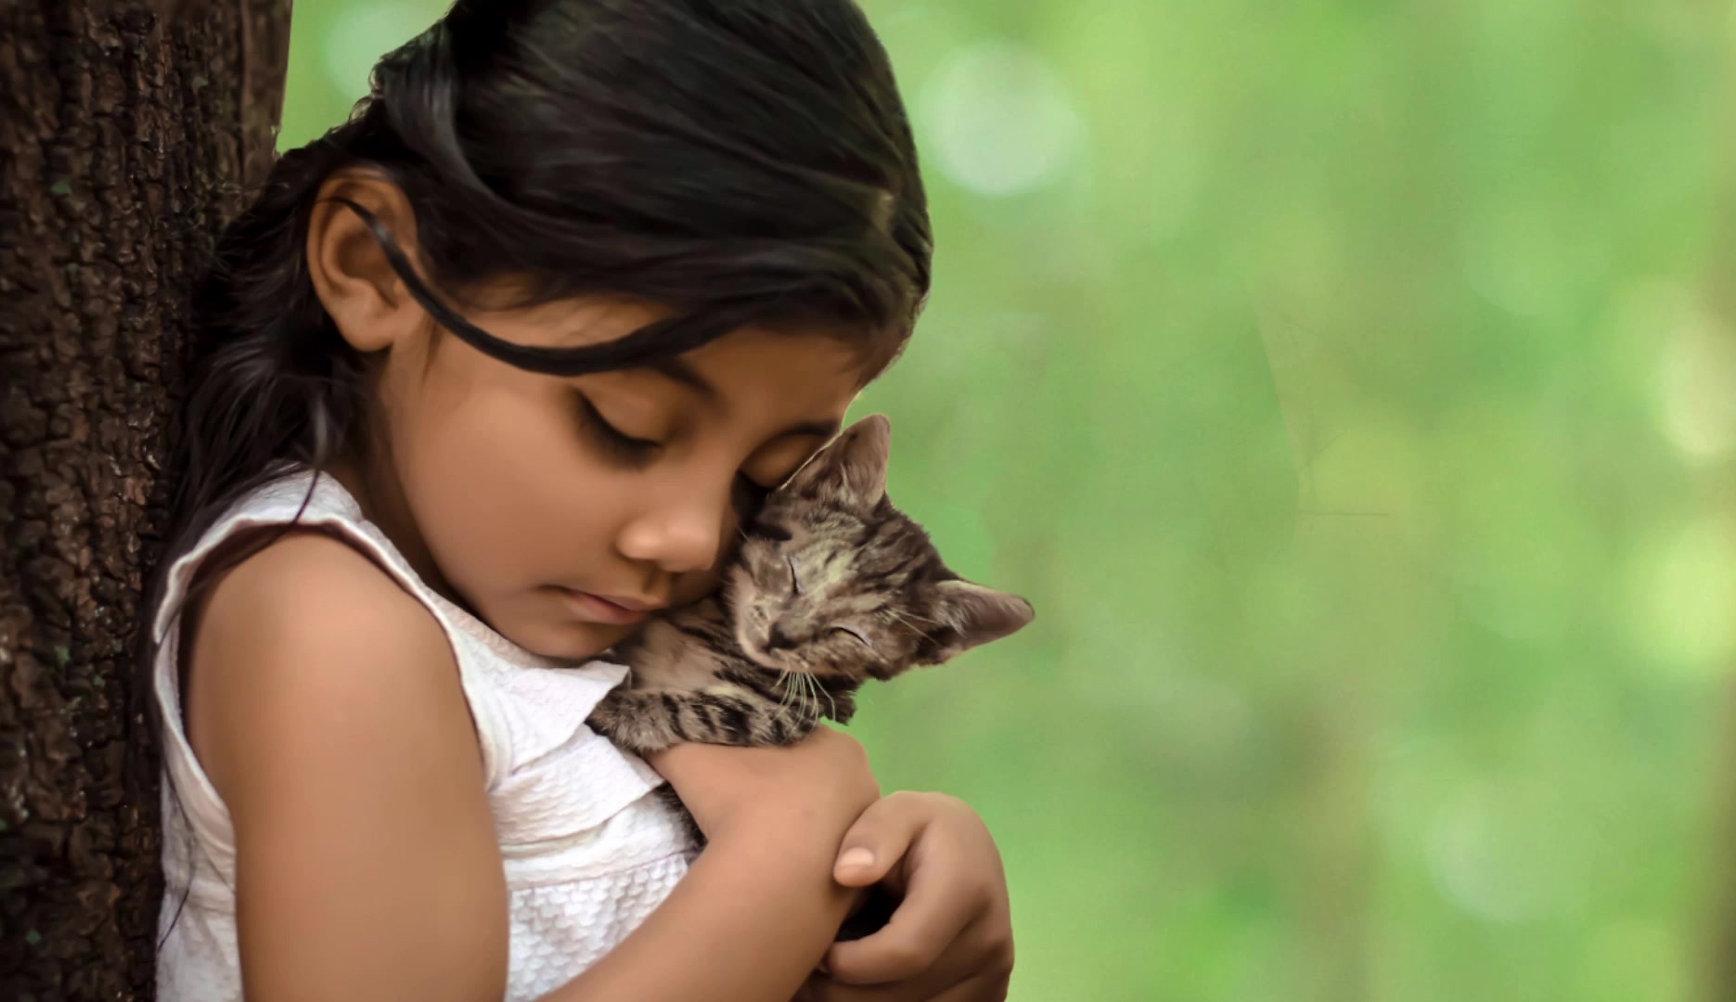 Retrato infantil fine art. Aprenda a técnica da fotografia fine art de crianças e pets.